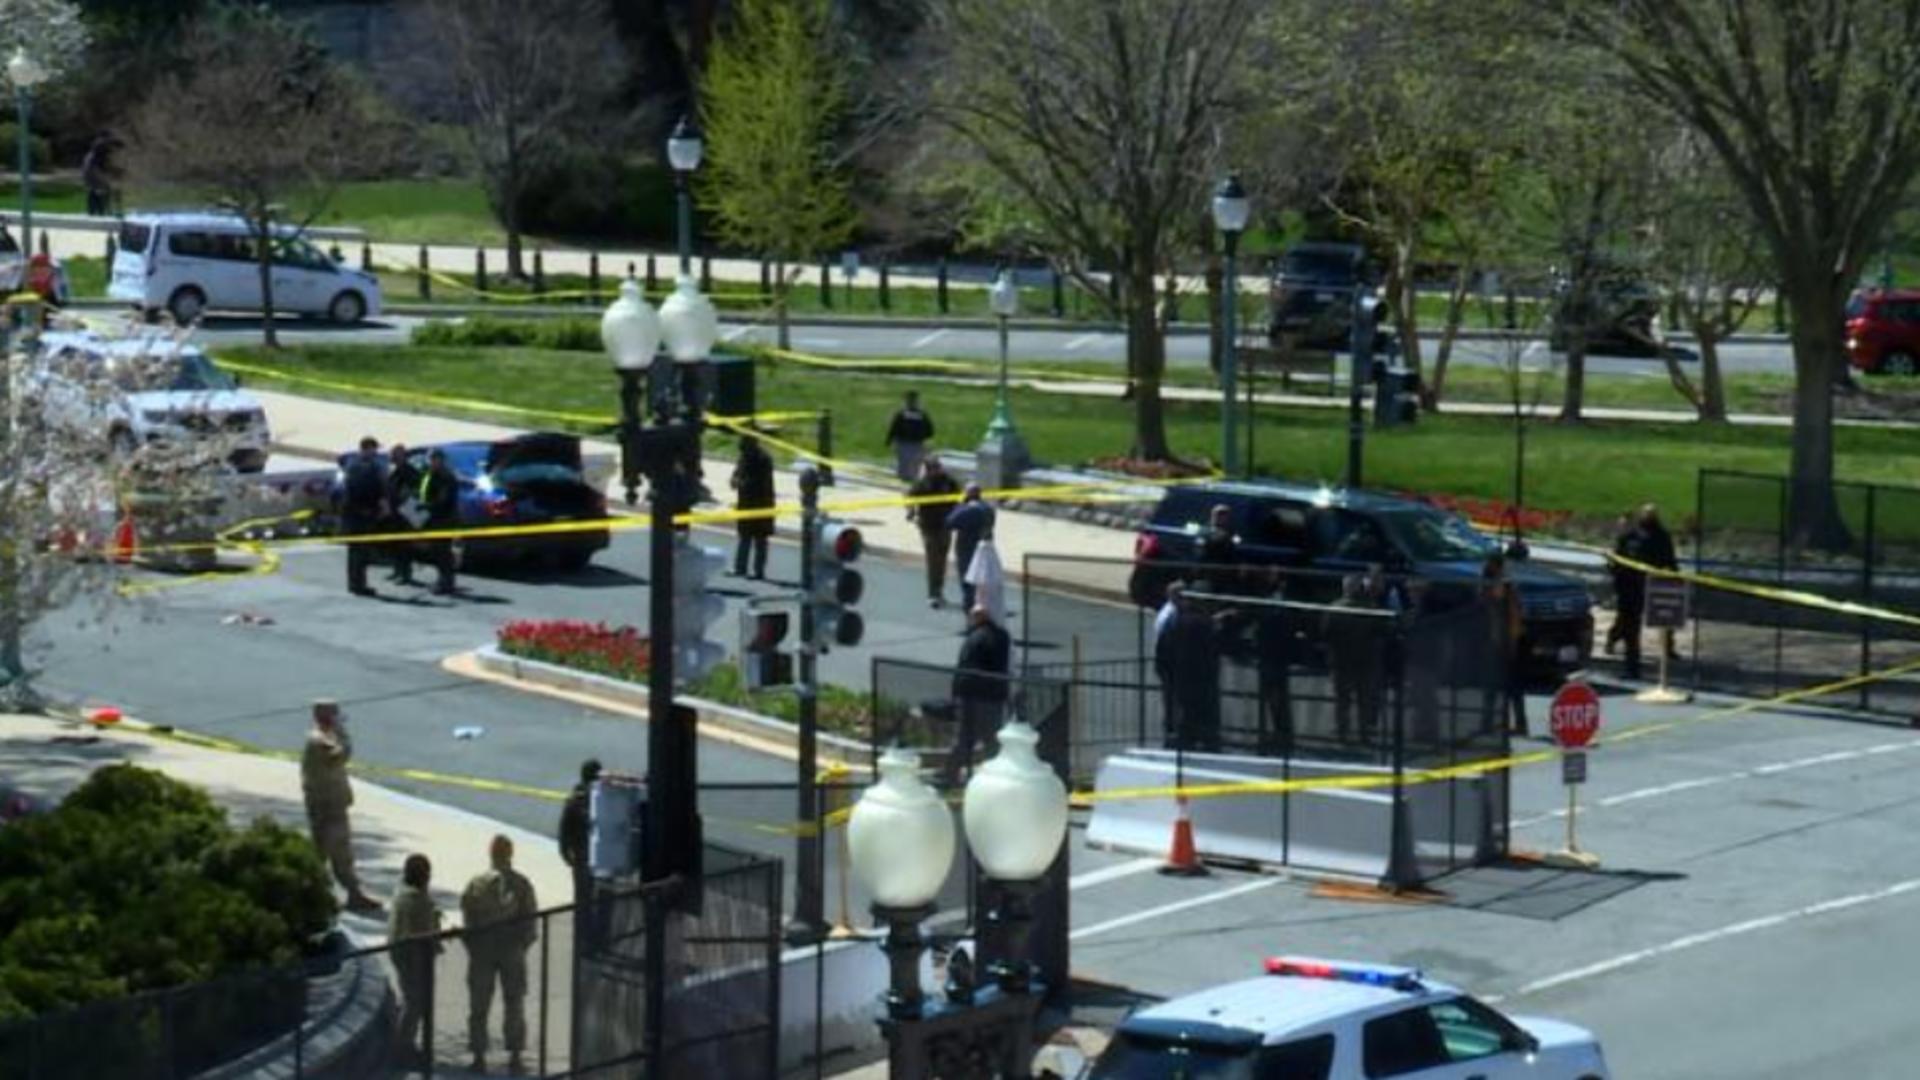 Alertă la Capitoliu după focuri de armă Foto: CNN.com